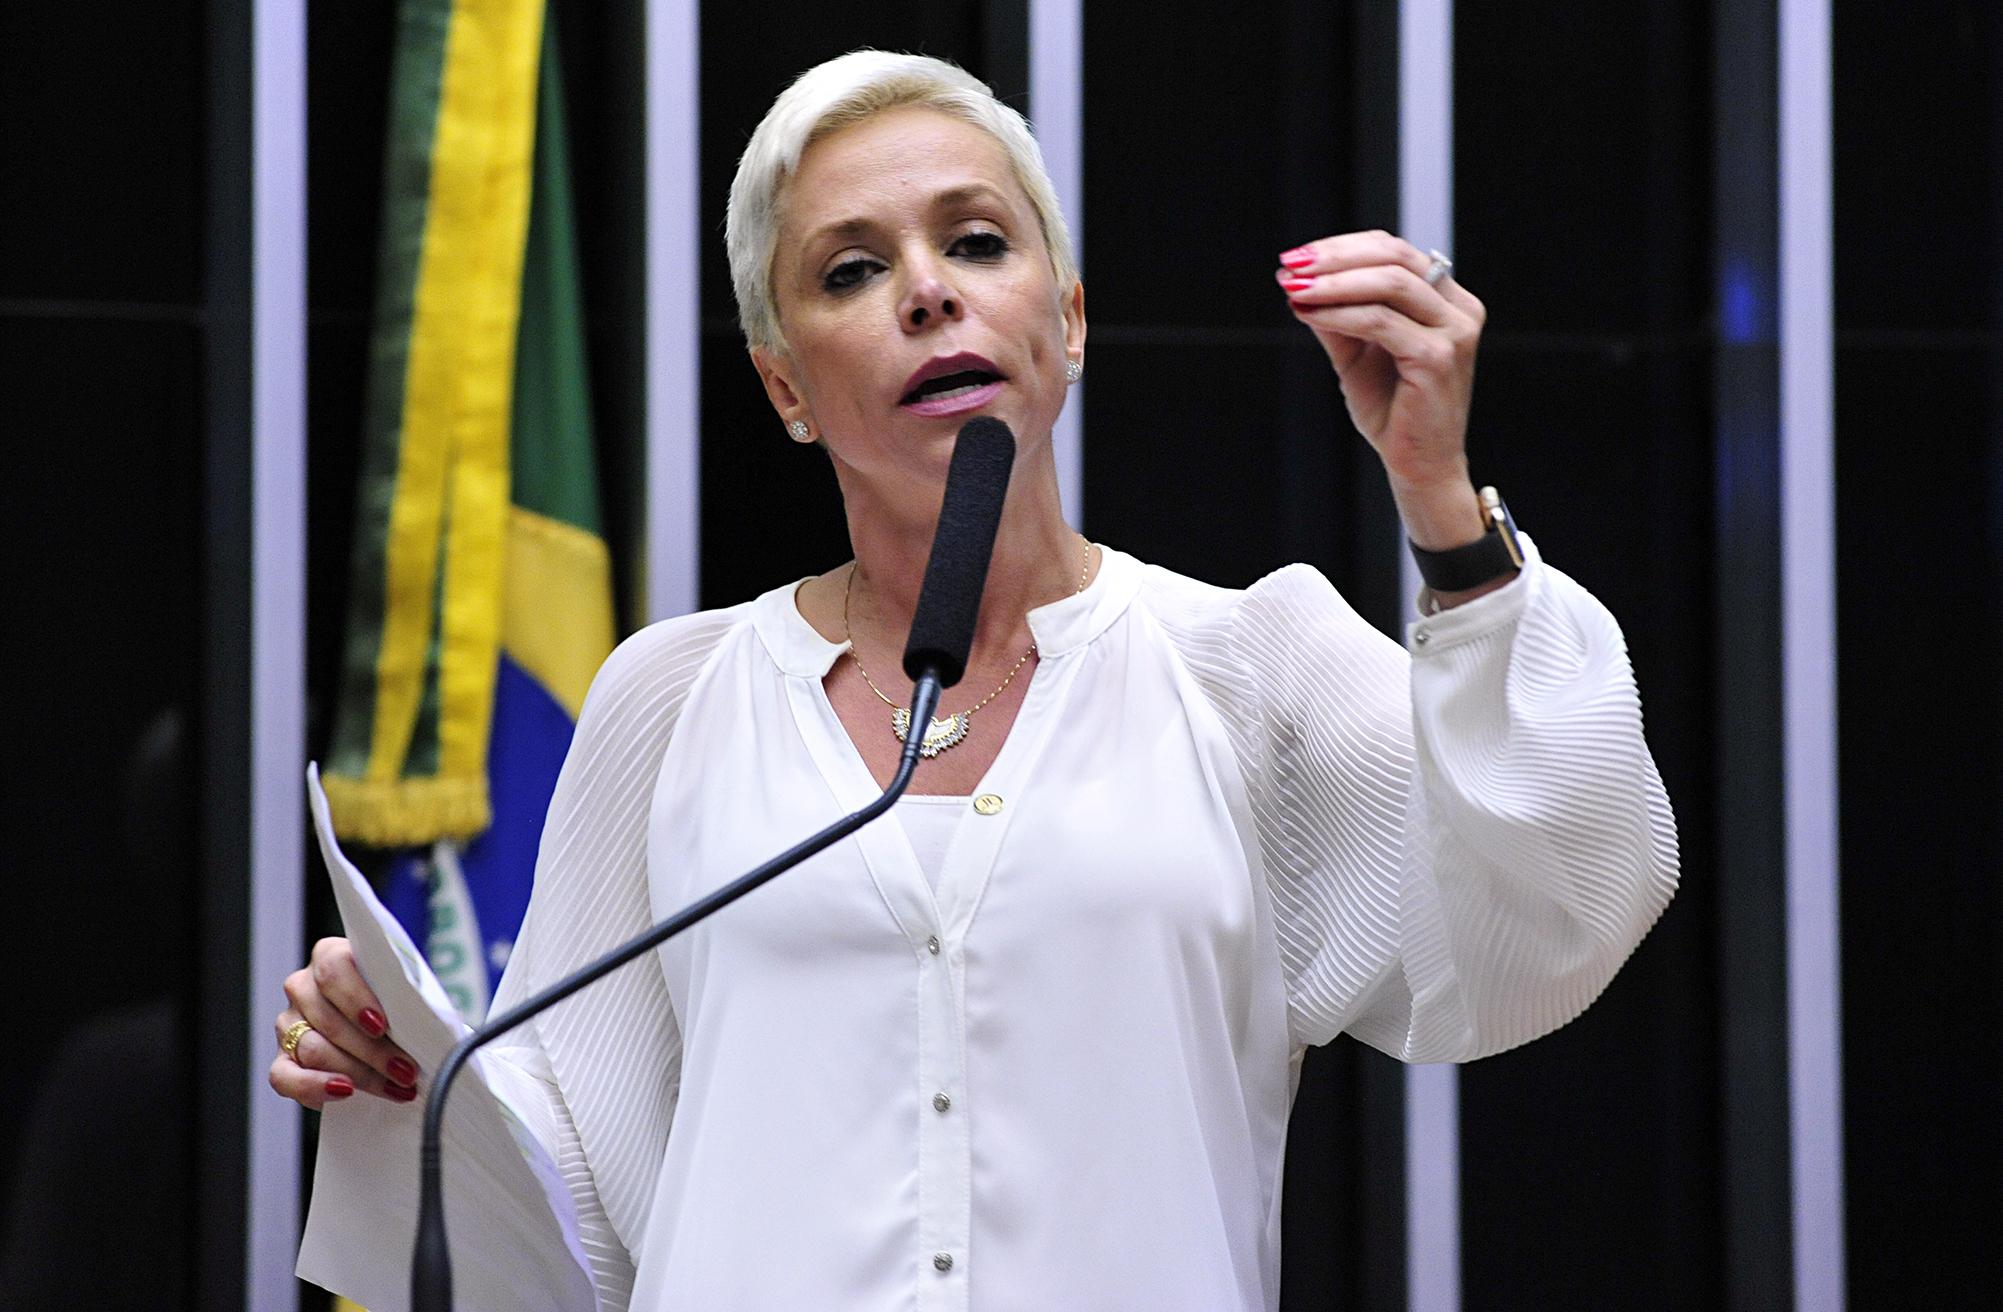 Sessão extraordinária para eleição do novo presidente da Câmara dos Deputados. Candidata dep. Cristiane Brasil (PTB-RJ)